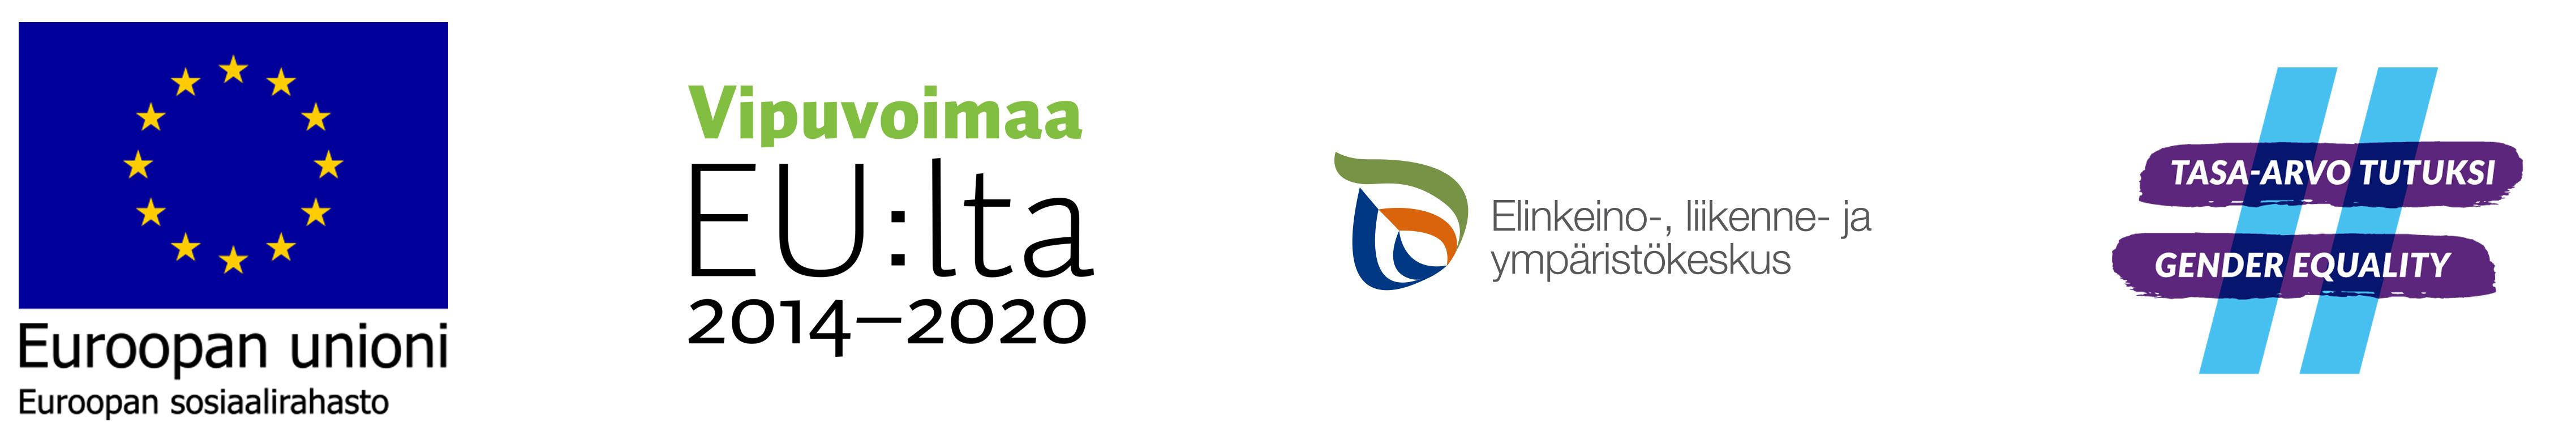 EU:n sininen lippulogo, jonka alla teksti Euroopan unioni ja Euroopan sosiaalirahasto. Logo, jossa teksti Vipuvoimaa EU:lta 2014-2020. Logo, jossa pisaran muotoisessa asetelmassa sinisiä, vihreitä ja punaisia kaarevia viivoja ja vieressä teksti Elinkeino-, liikenne- ja ympäristökeskus. Logo, jossa kaksi violettia vaakasuoraa viivaa ja kaksi vaaleansinistä oikealle nojaavaa pystyviivaa muodostavat hashtag-merkin. Vaakasuorissa viivoissa lukee tekstit Tasa-arvo tutuksi ja Gender equality.